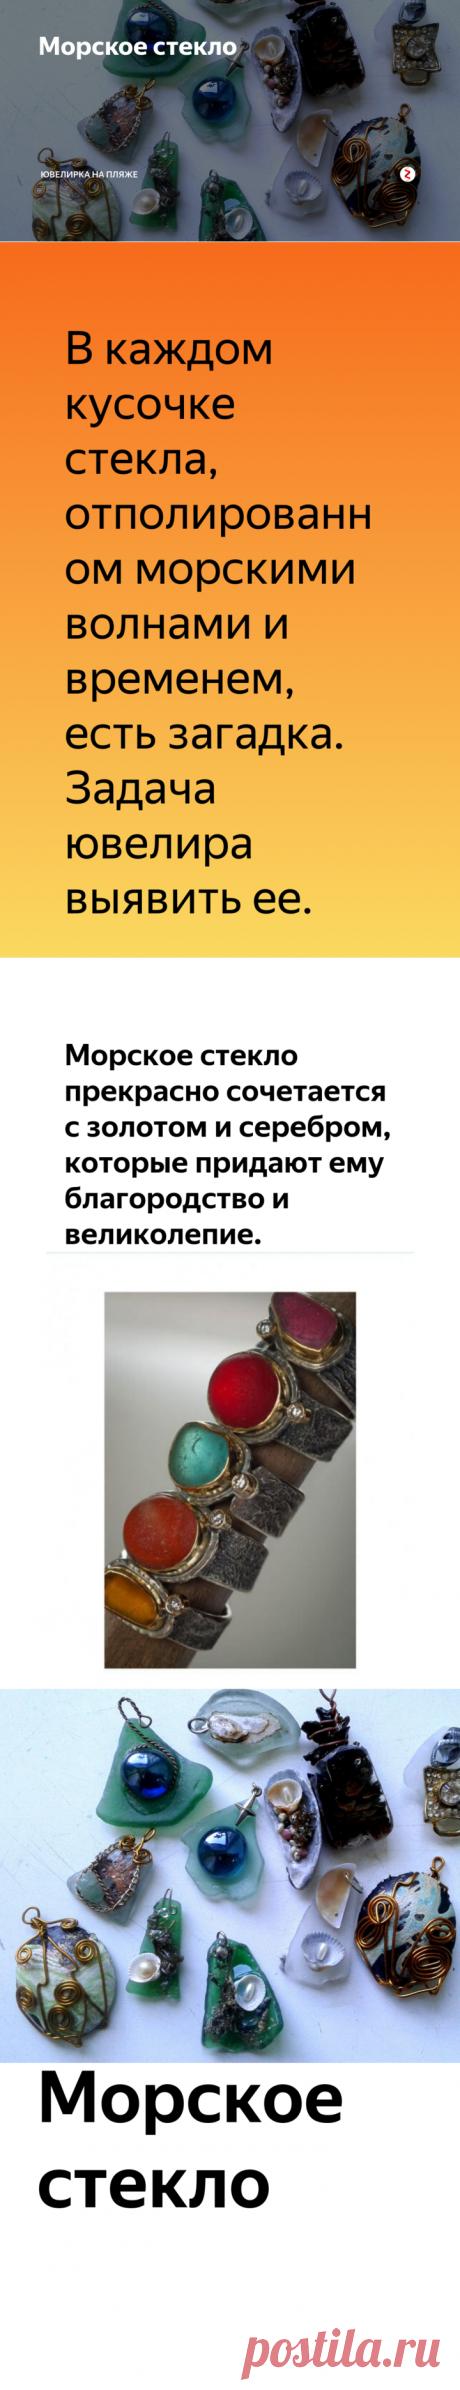 Морское стекло | Ювелирка на пляже | Яндекс Дзен